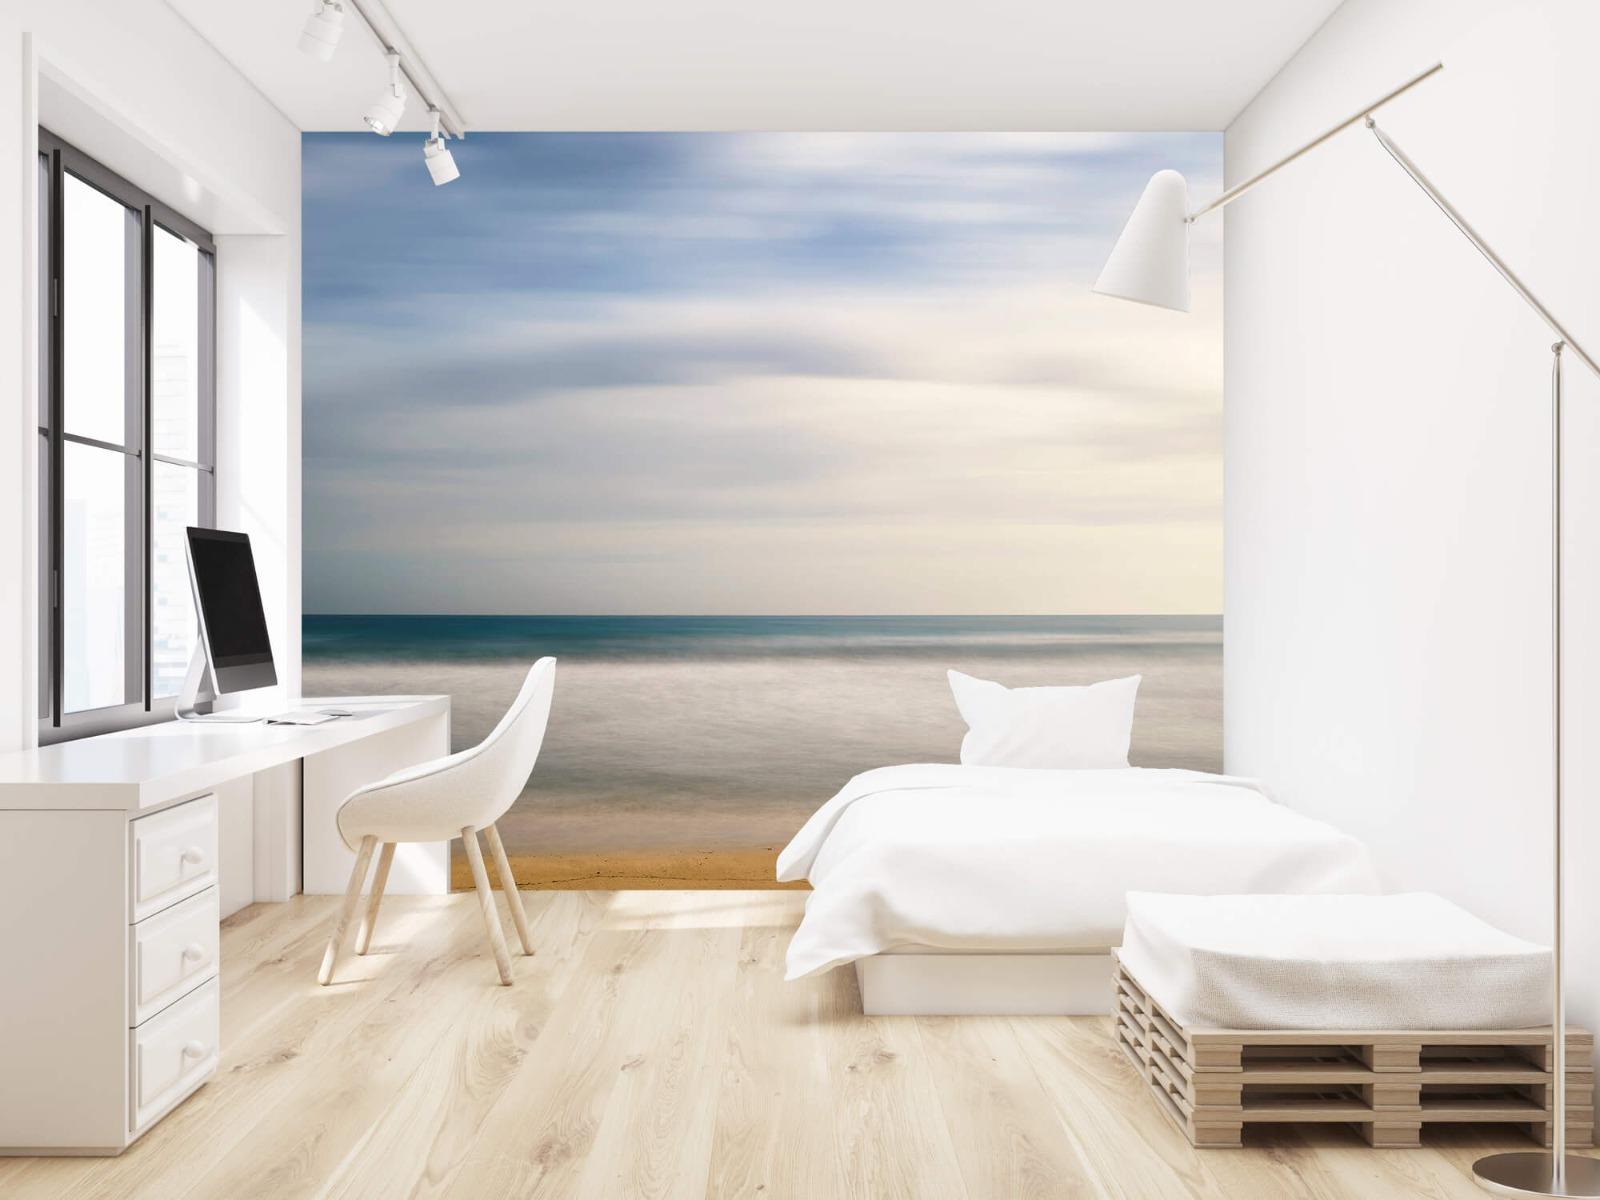 Zeeën en Oceanen - Open zee - Slaapkamer 22